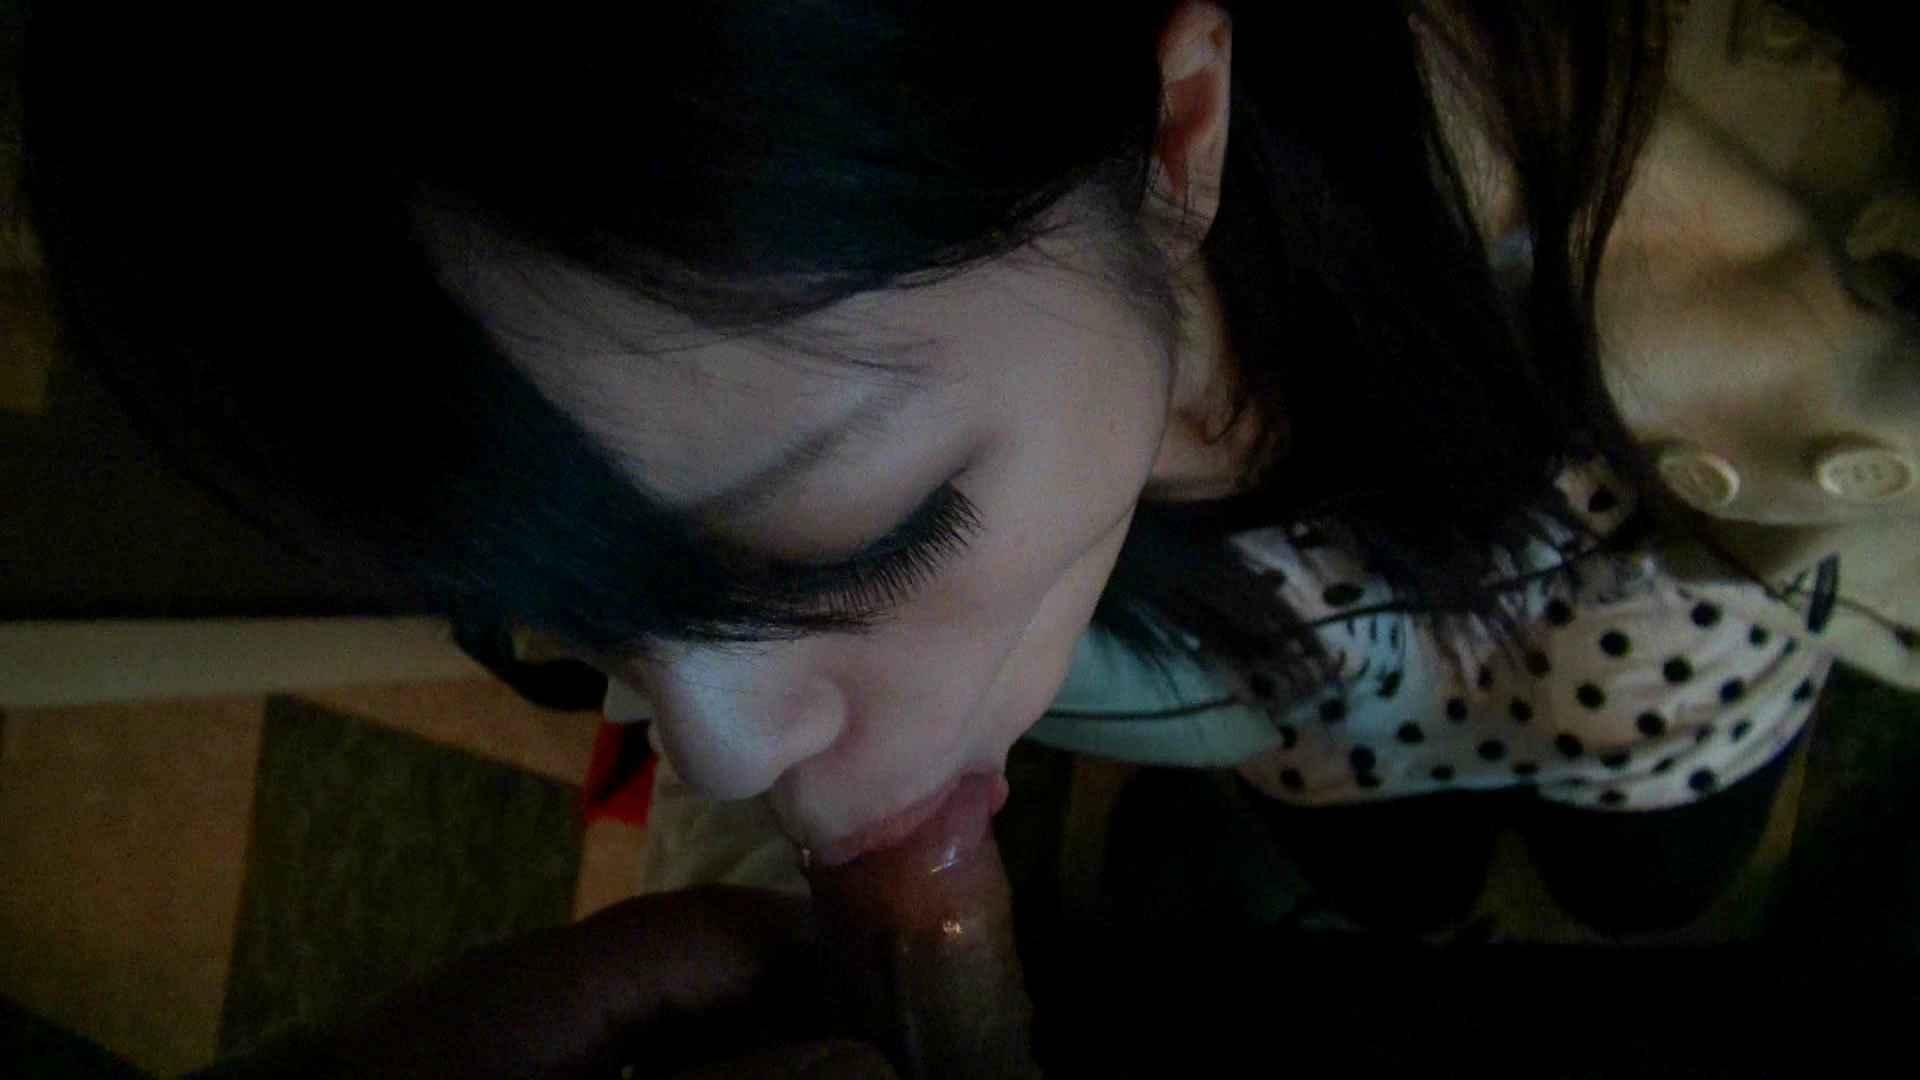 メールで指示!撮影の帰りのホテルで旦那さんにフェラ ホテル  61pic 32